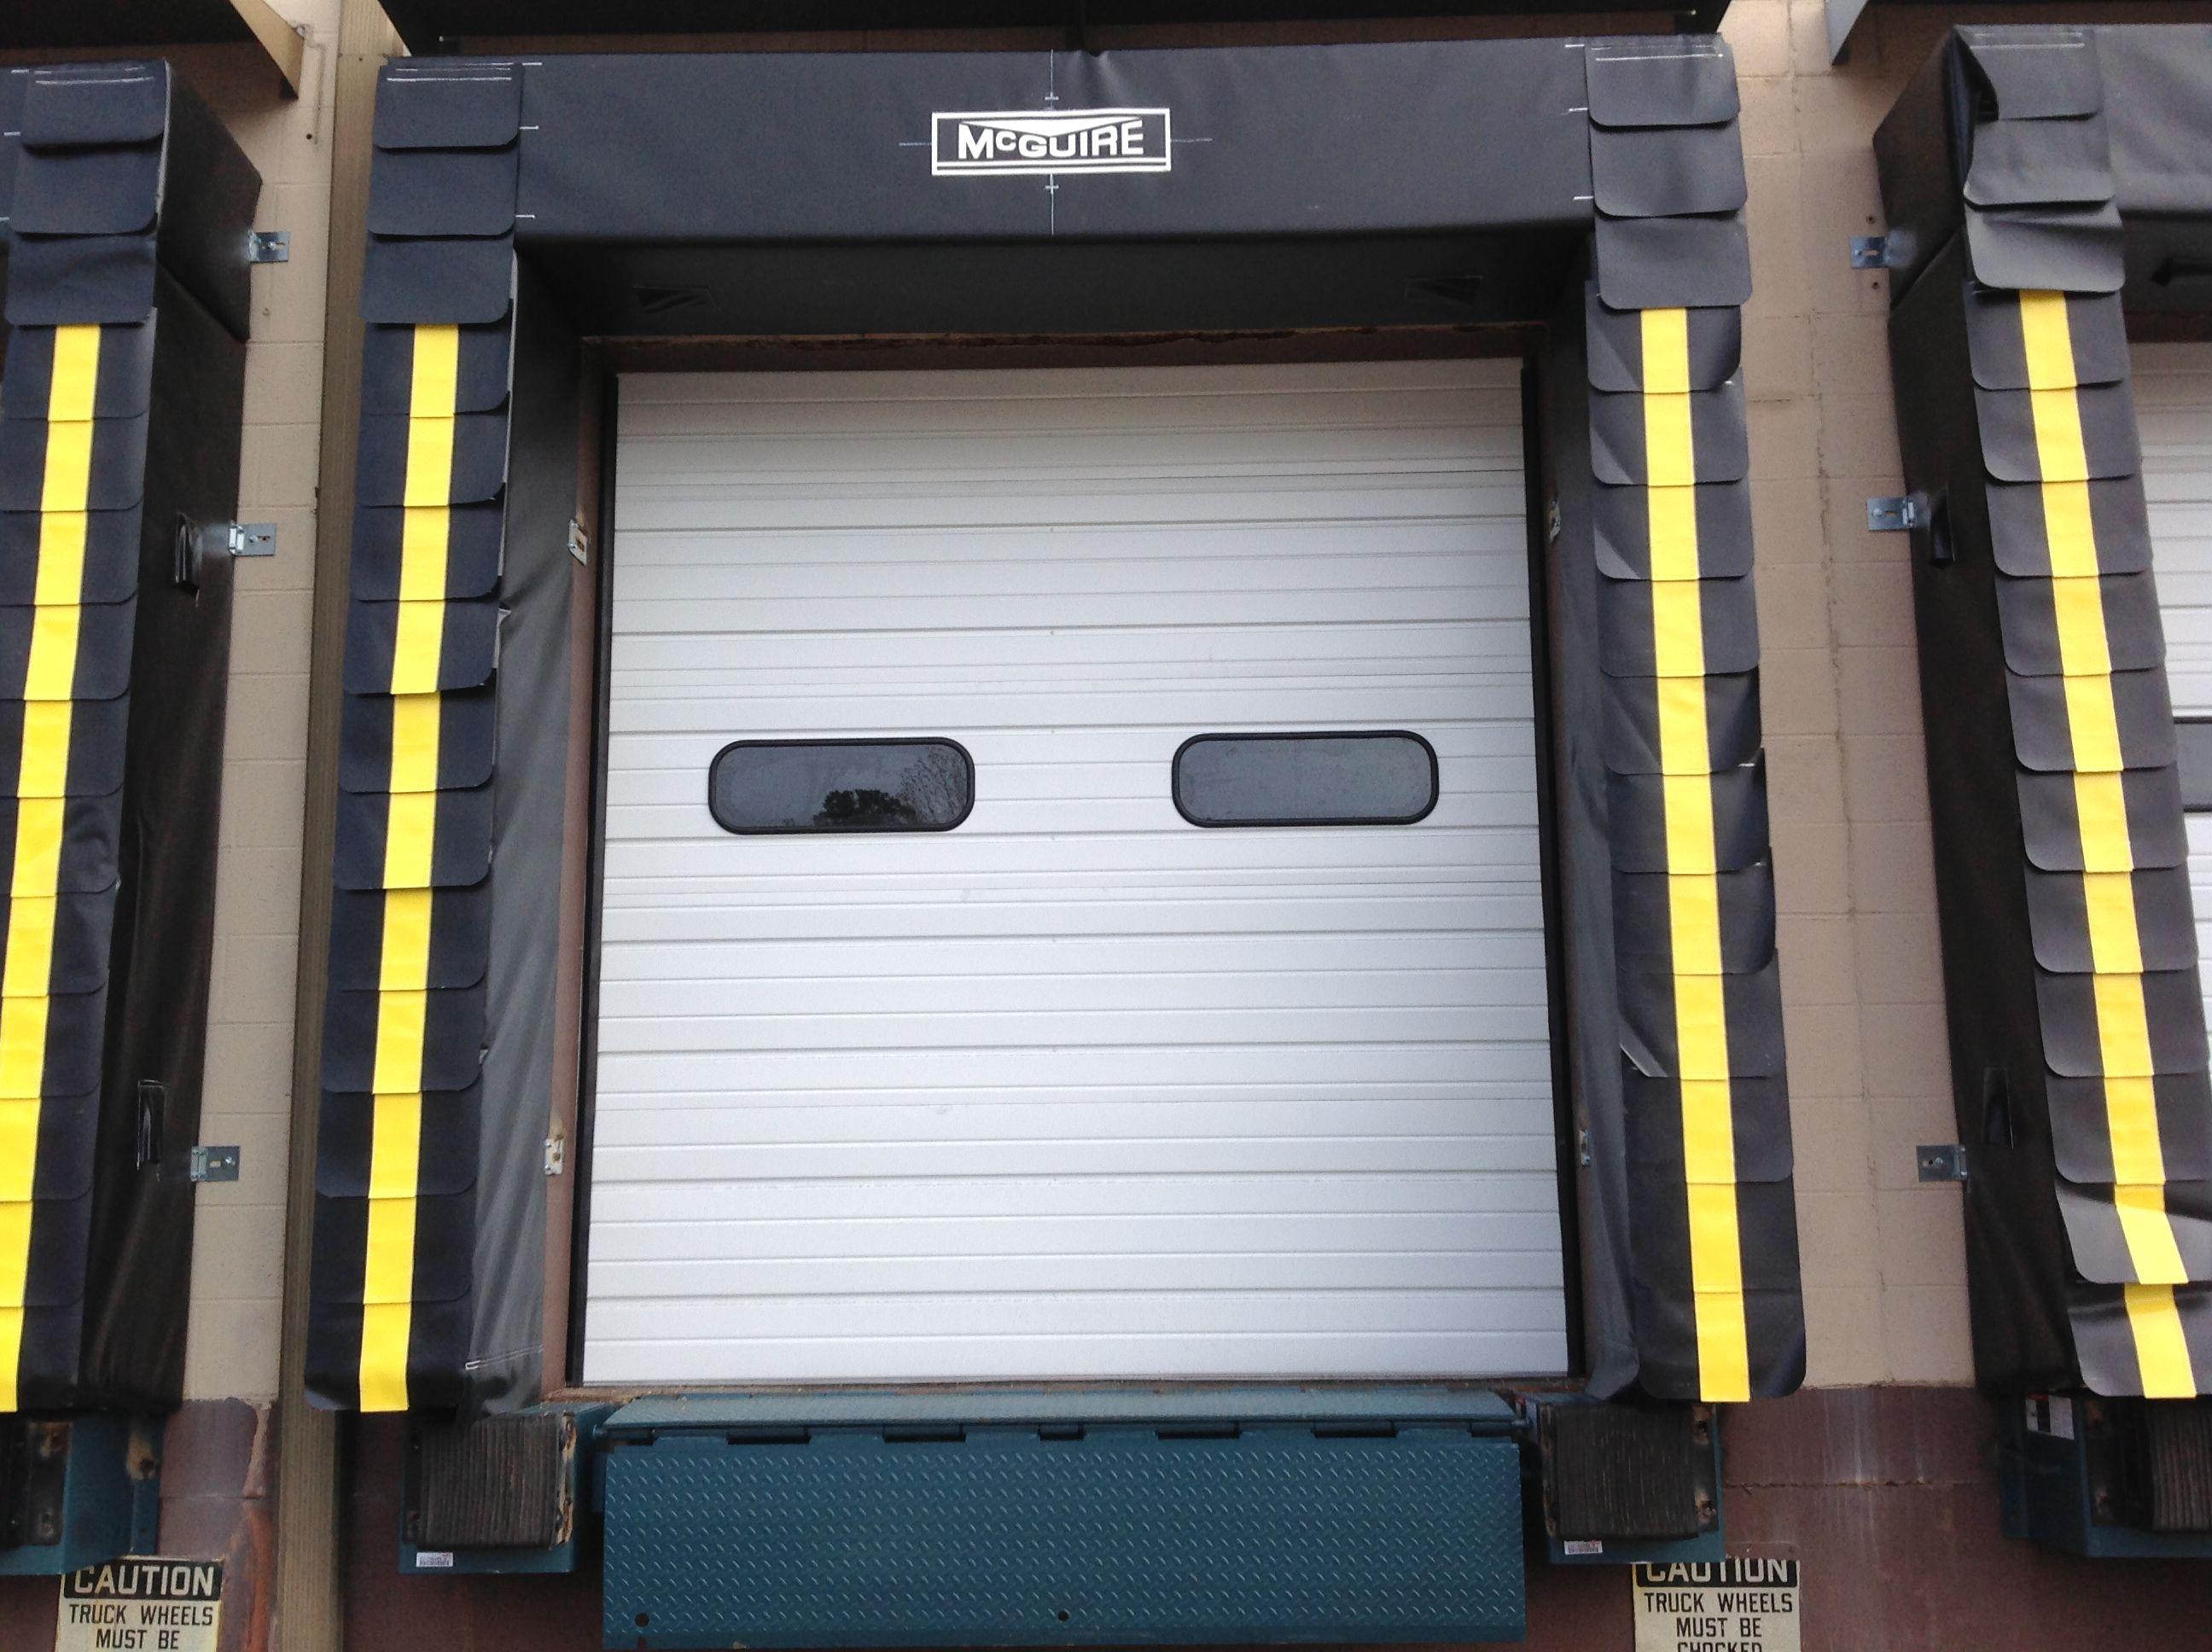 Maguire Sectional Door We Carry And Install Mcguire Doors Www Warehousecubed Com Sectional Door Modular Building Installation